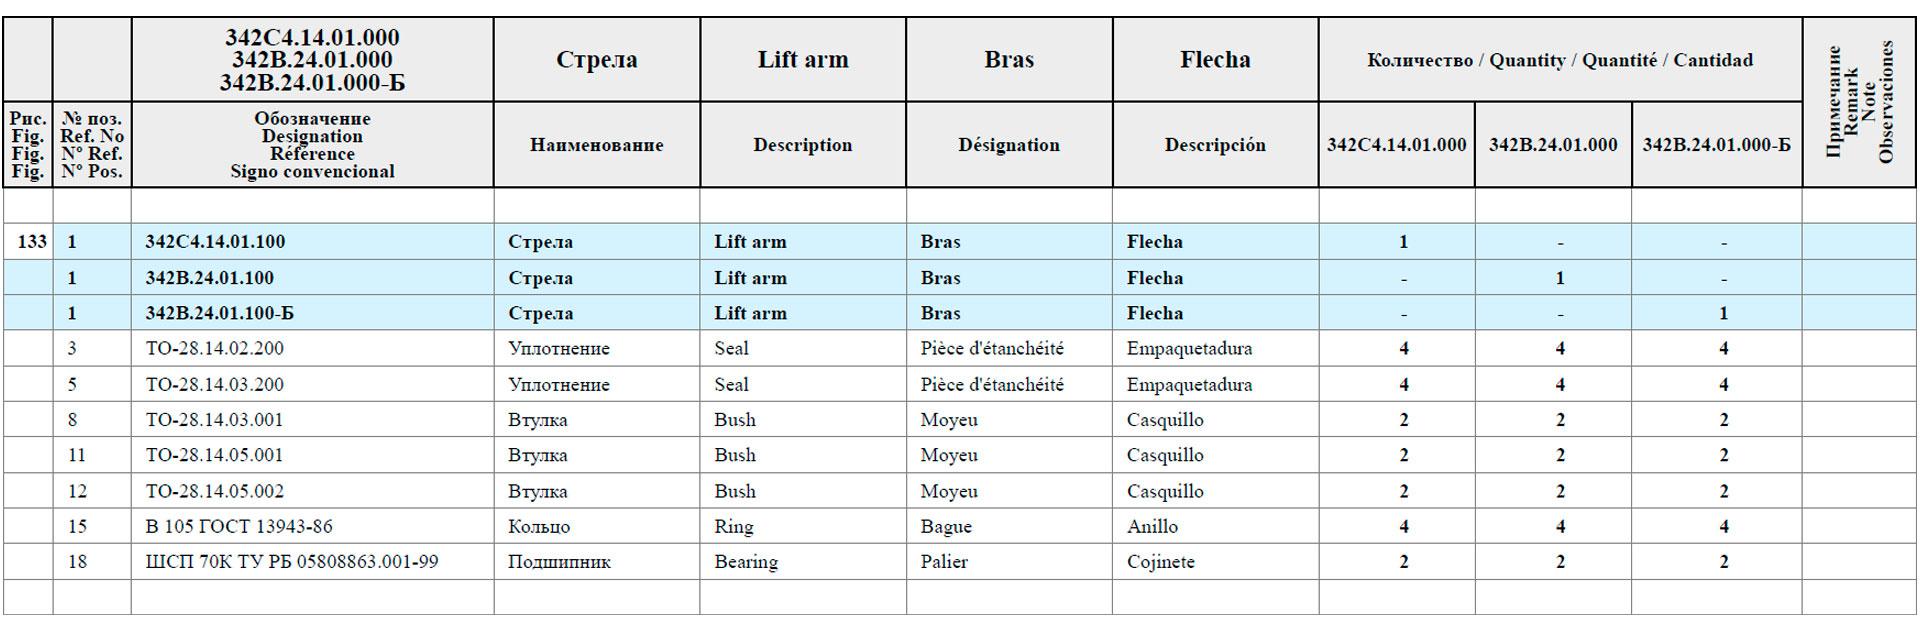 Стрелы погрузочного оборудования 342С4.14.01.000, 342В.24.01.000 (удлинненная), 342В.24.01.000-Б